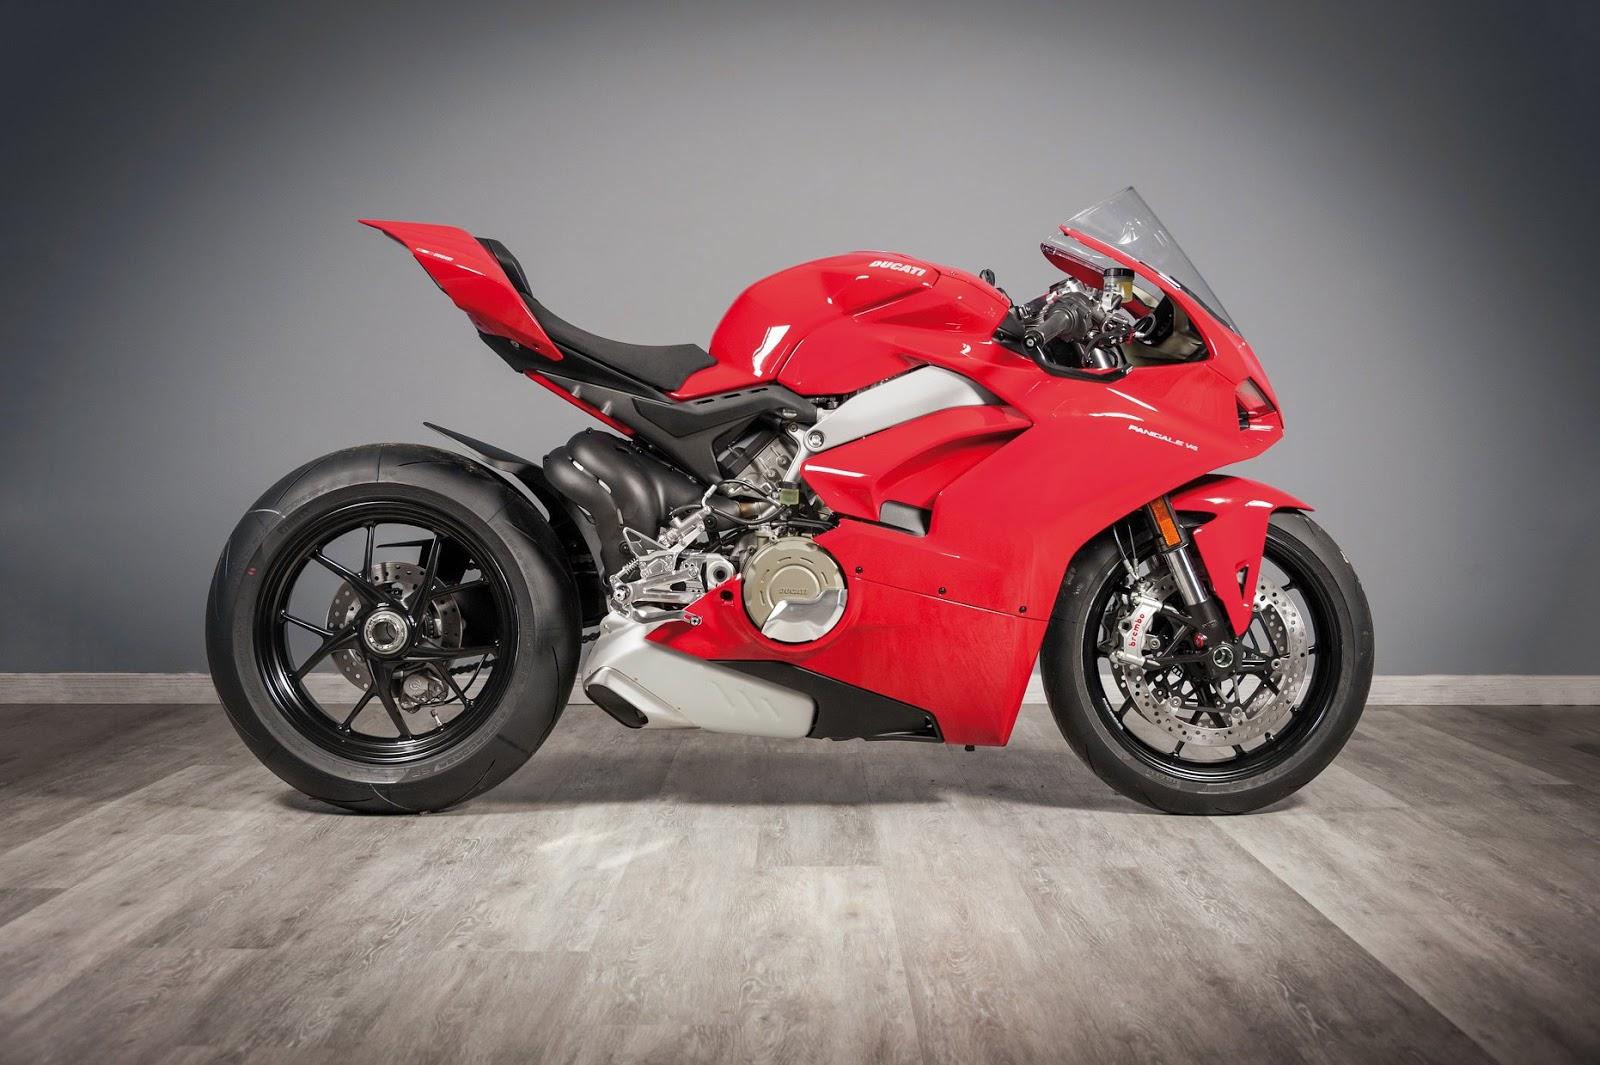 Sbk Motoworks Bonamici Racing Parts For Ducati Panigale V4 V4s